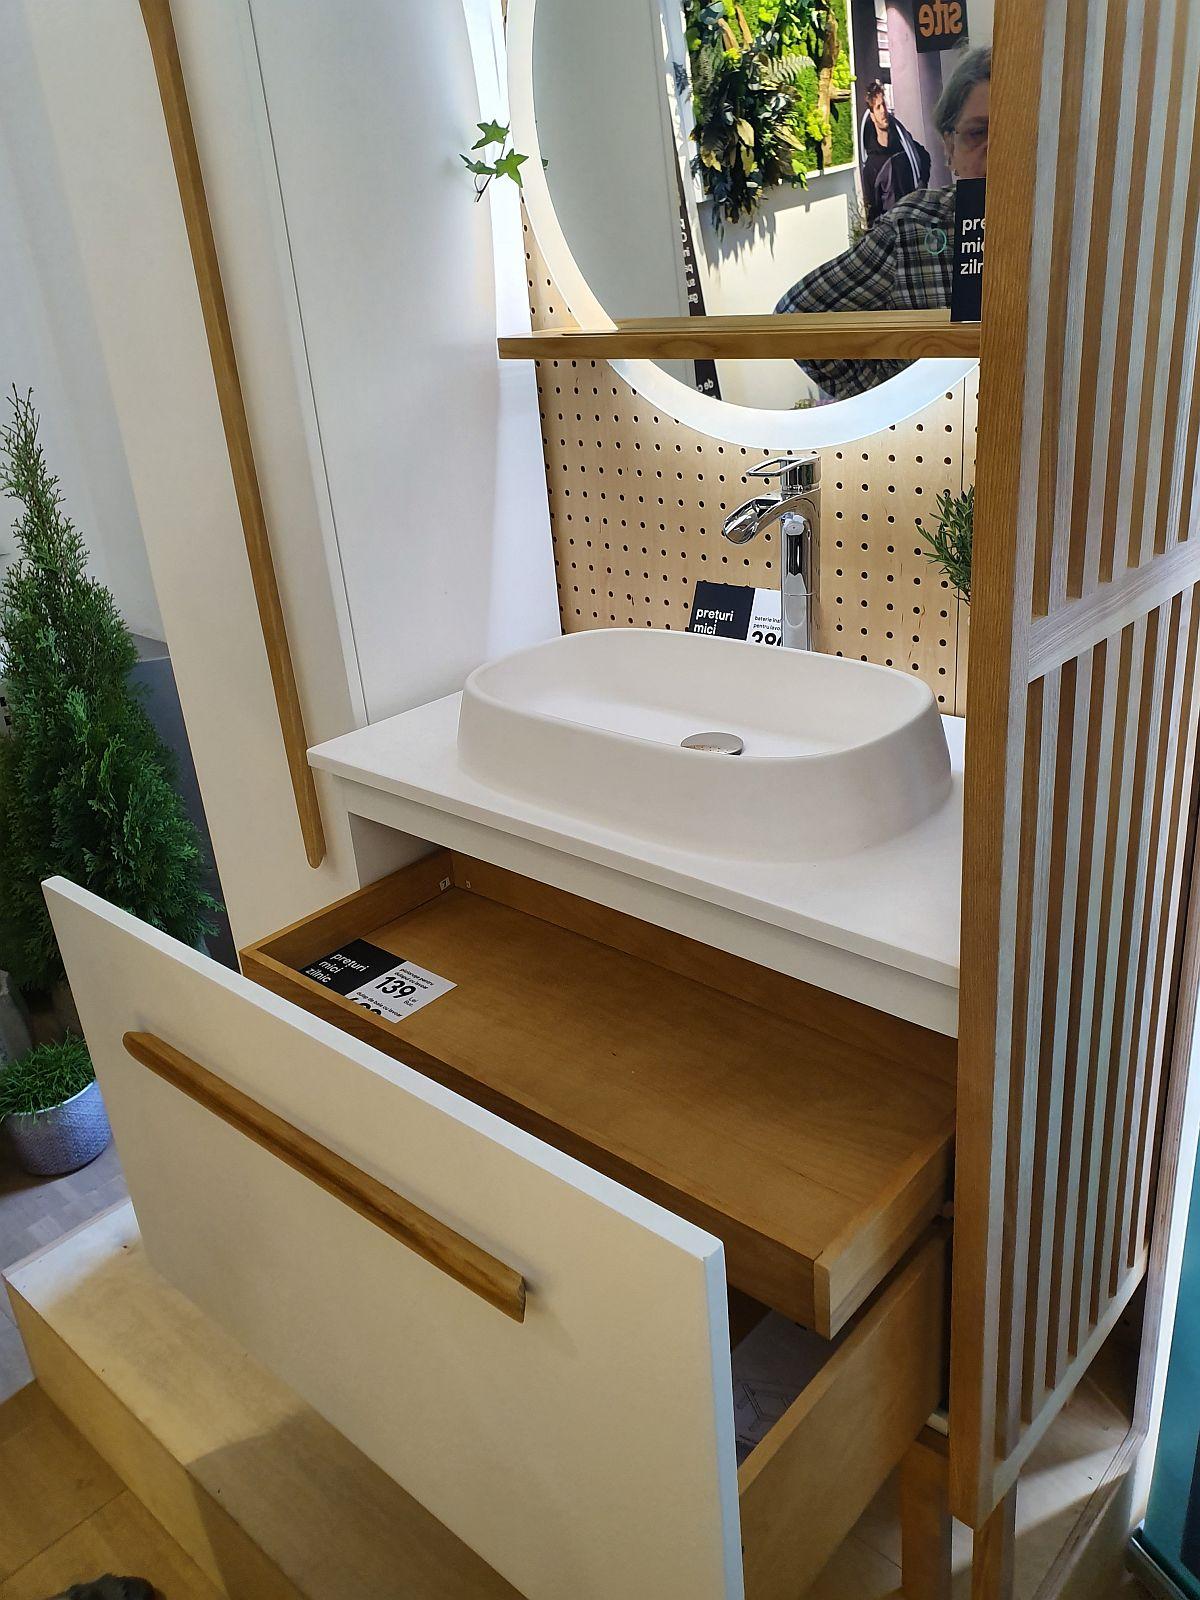 Corpul de mobilier d ebaie cu lavoar inclus are la interior mai mult spațiu de depozitare. Poți avea inclusiv un raft suplimentar pentru produse cosmetice.